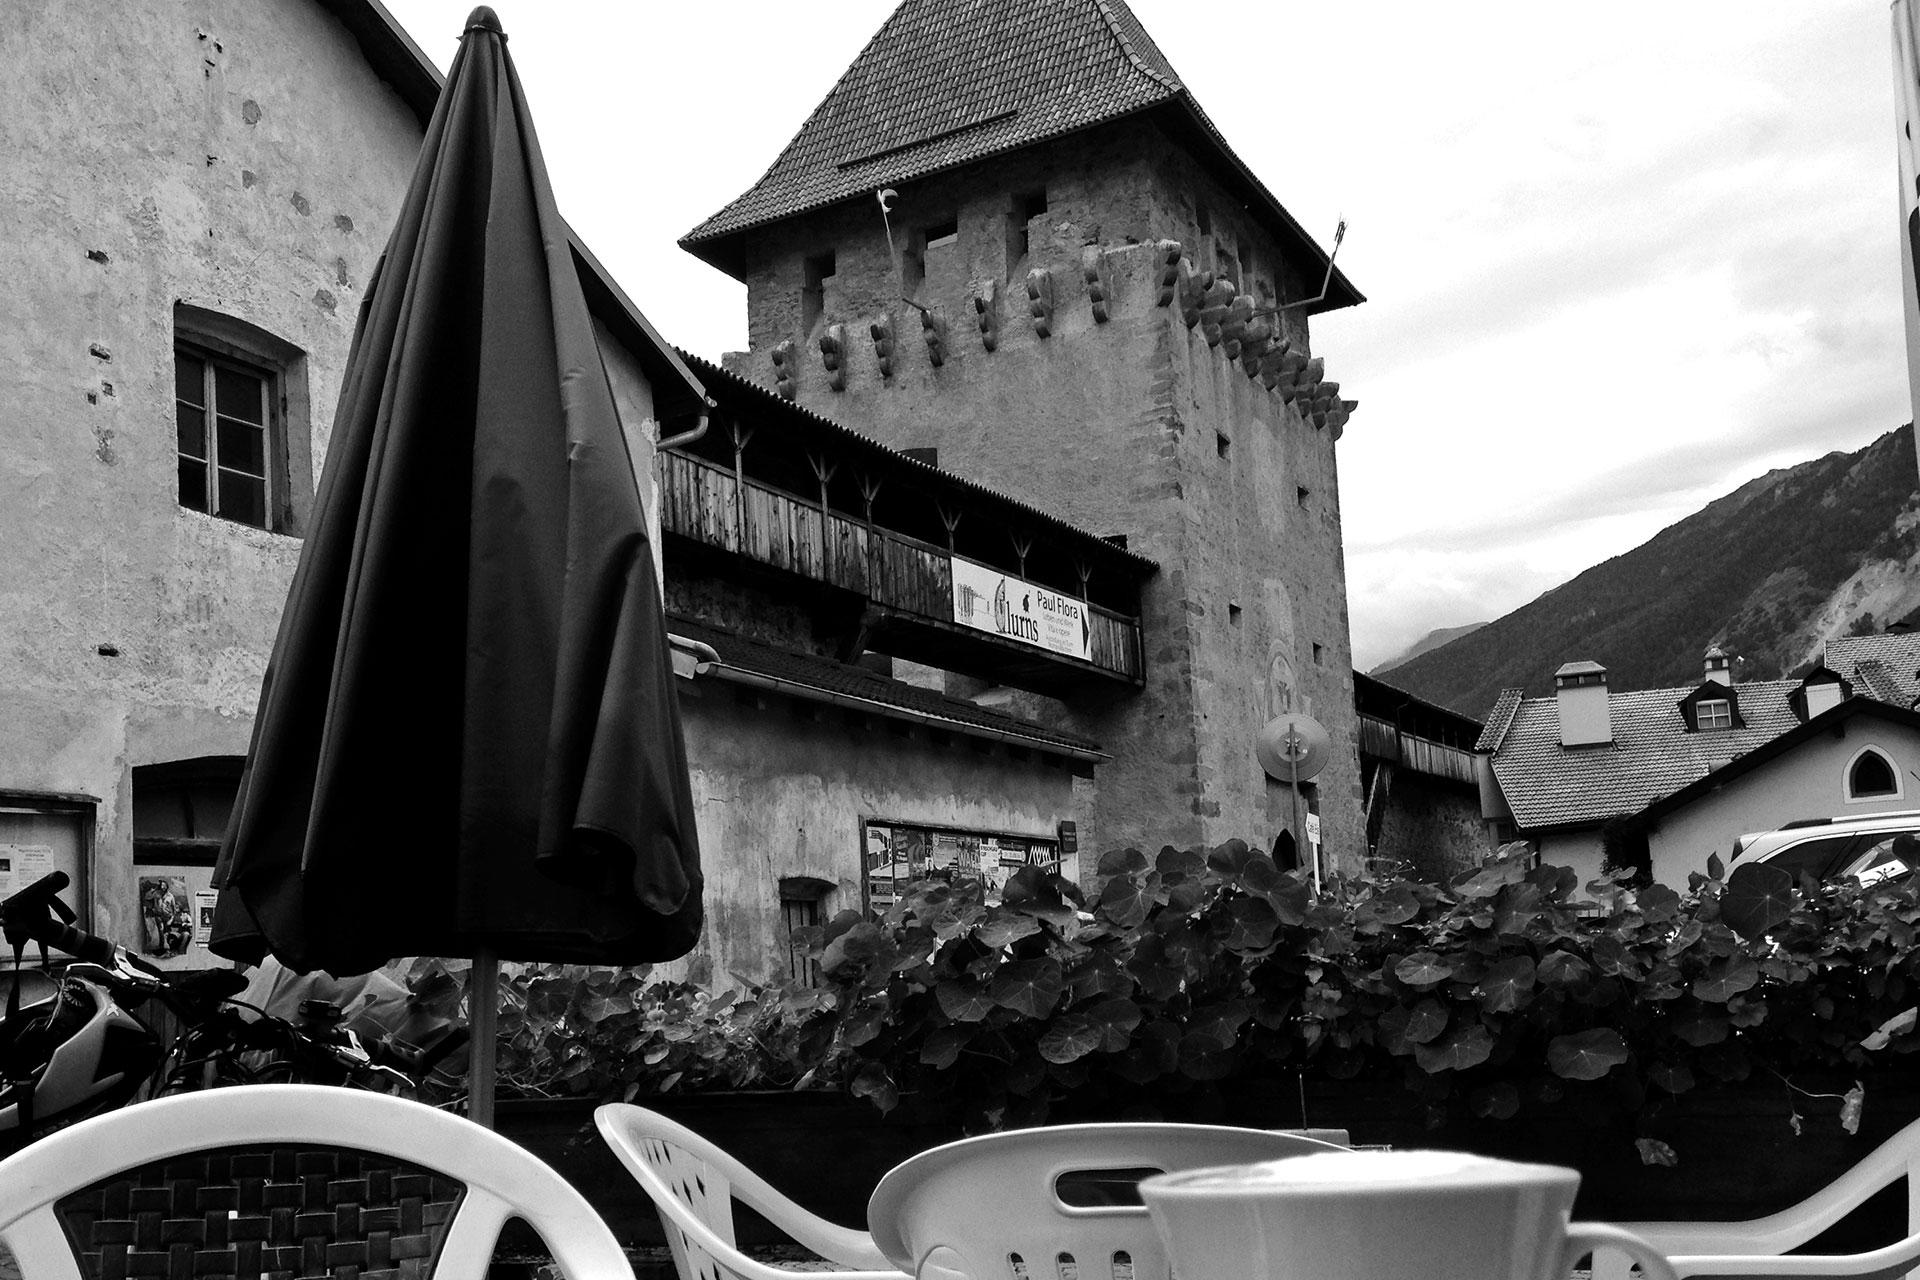 DAS STILFSER JOCH 48 Kehren in Fels gemeisselt / Cappuccino in Glurns in der Regenpause © stefandrexl.de